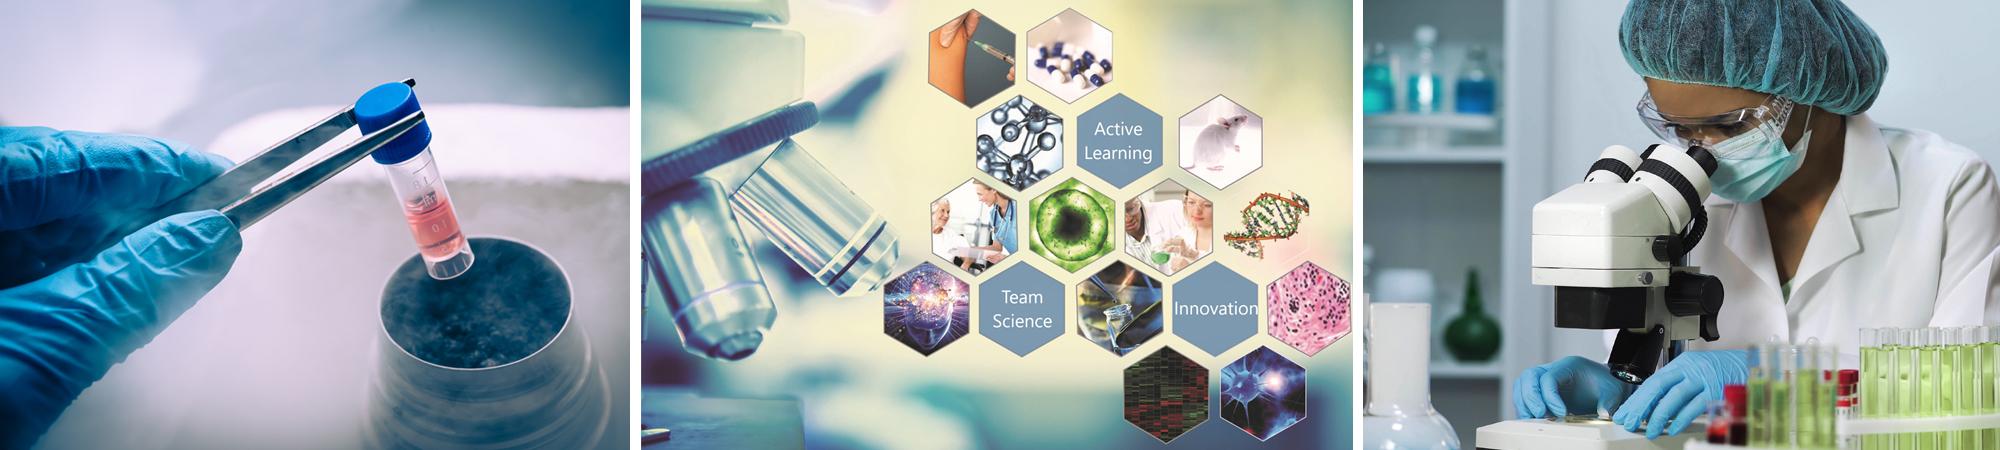 New GSBS slider_Team_Innovation_Science